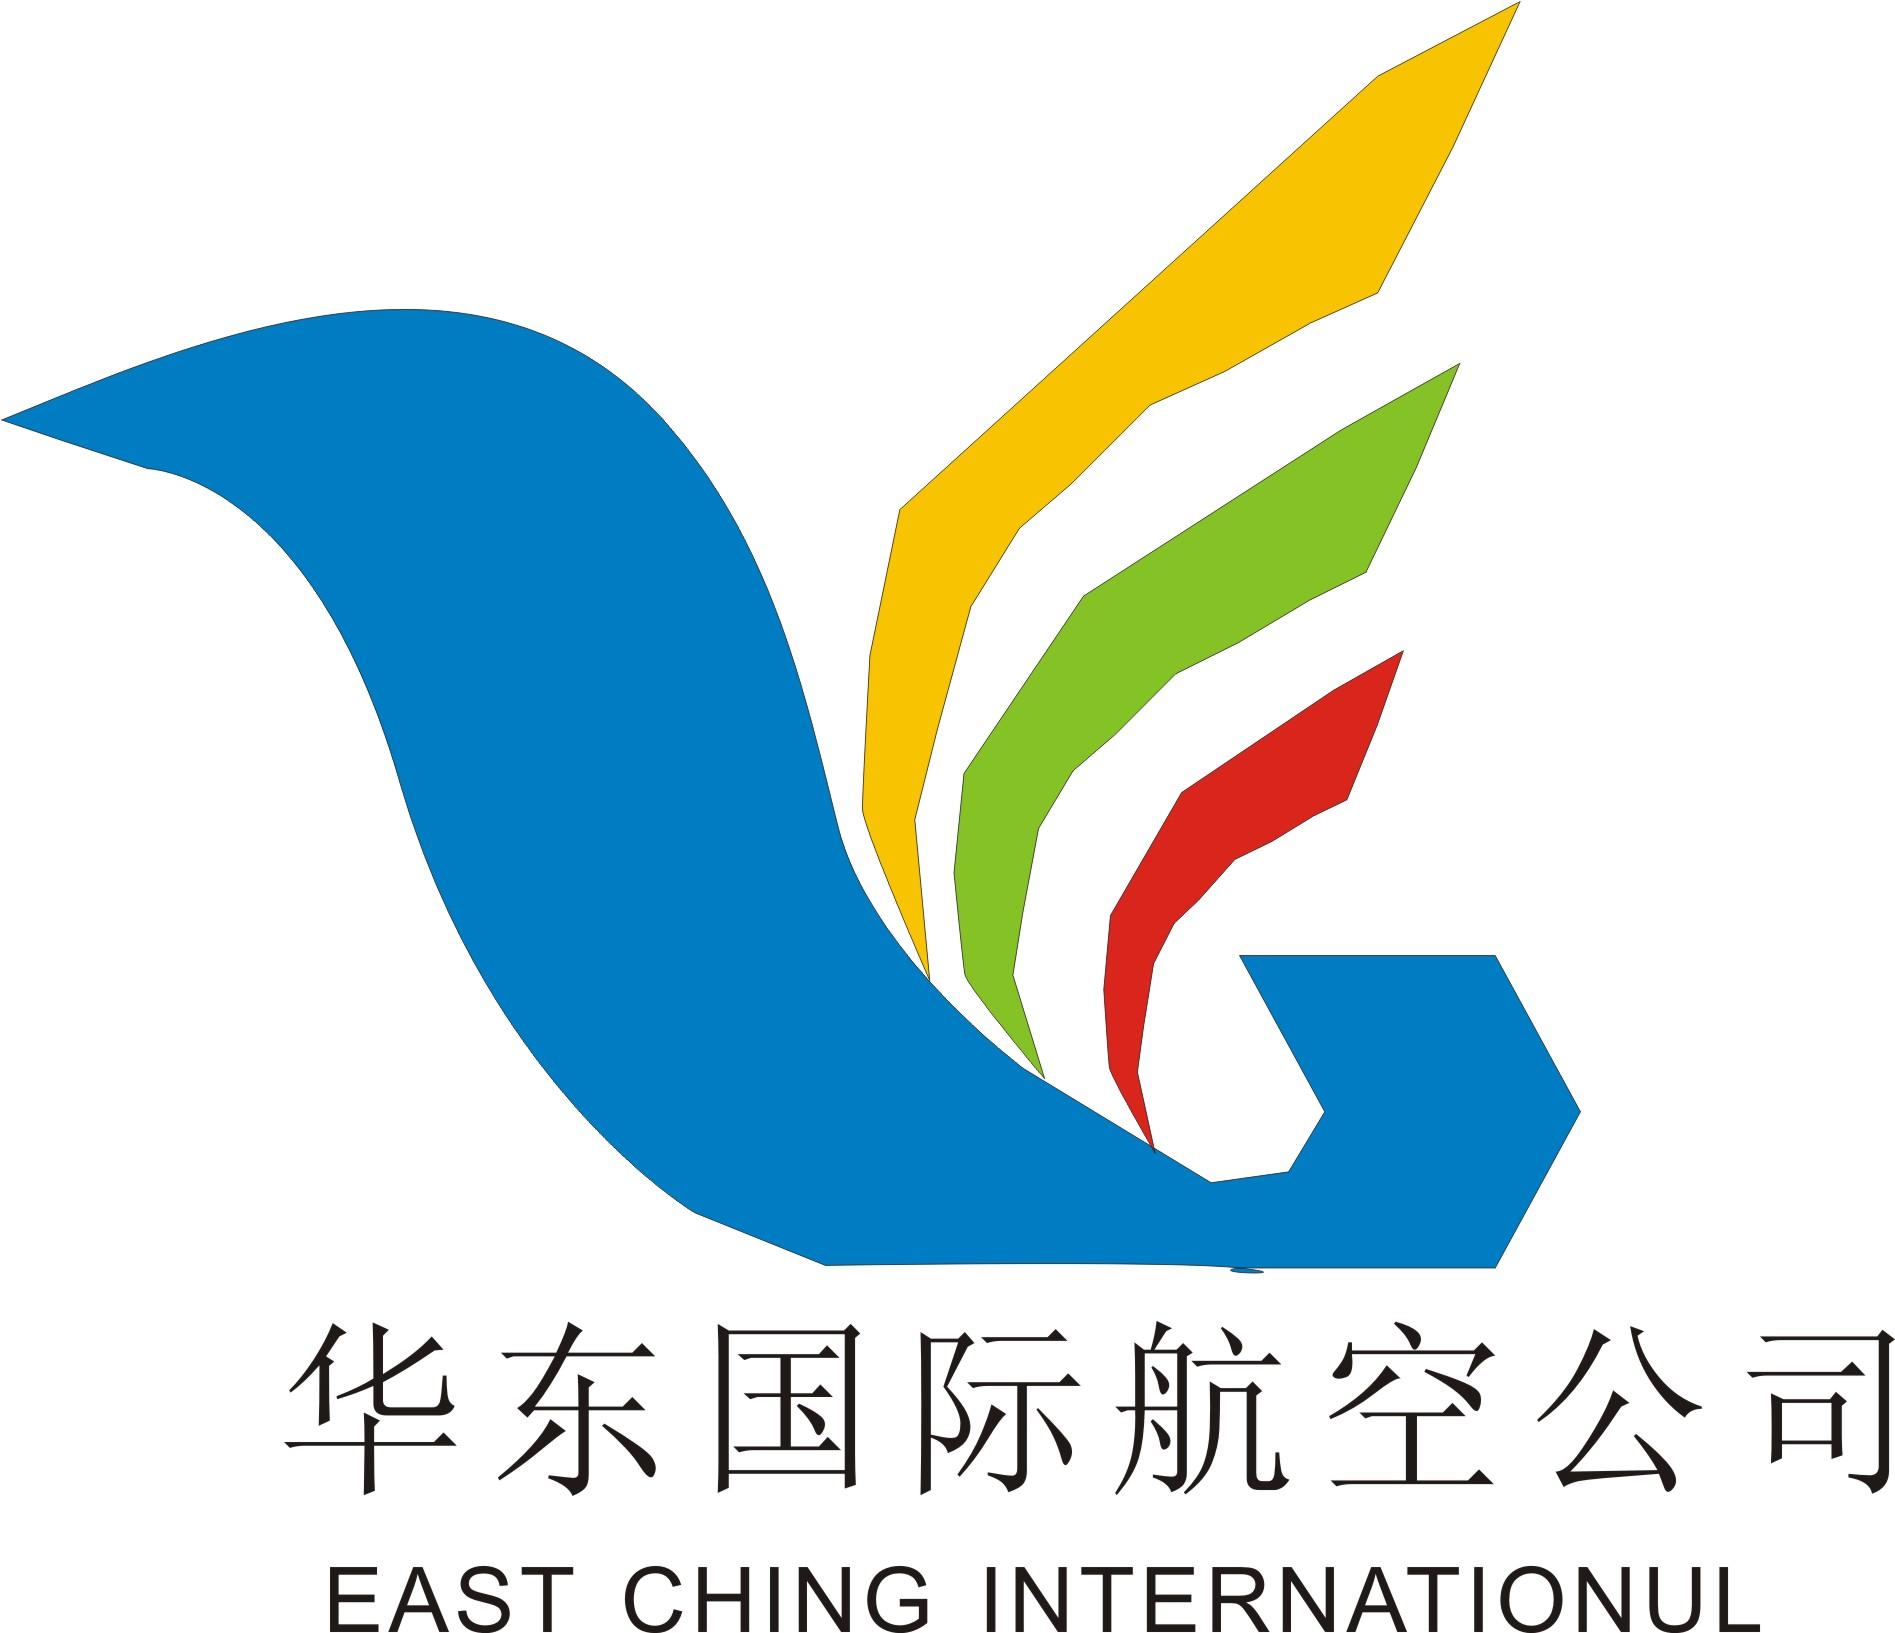 华东国际航空公司logo标志设计- 稿件[#2603520]